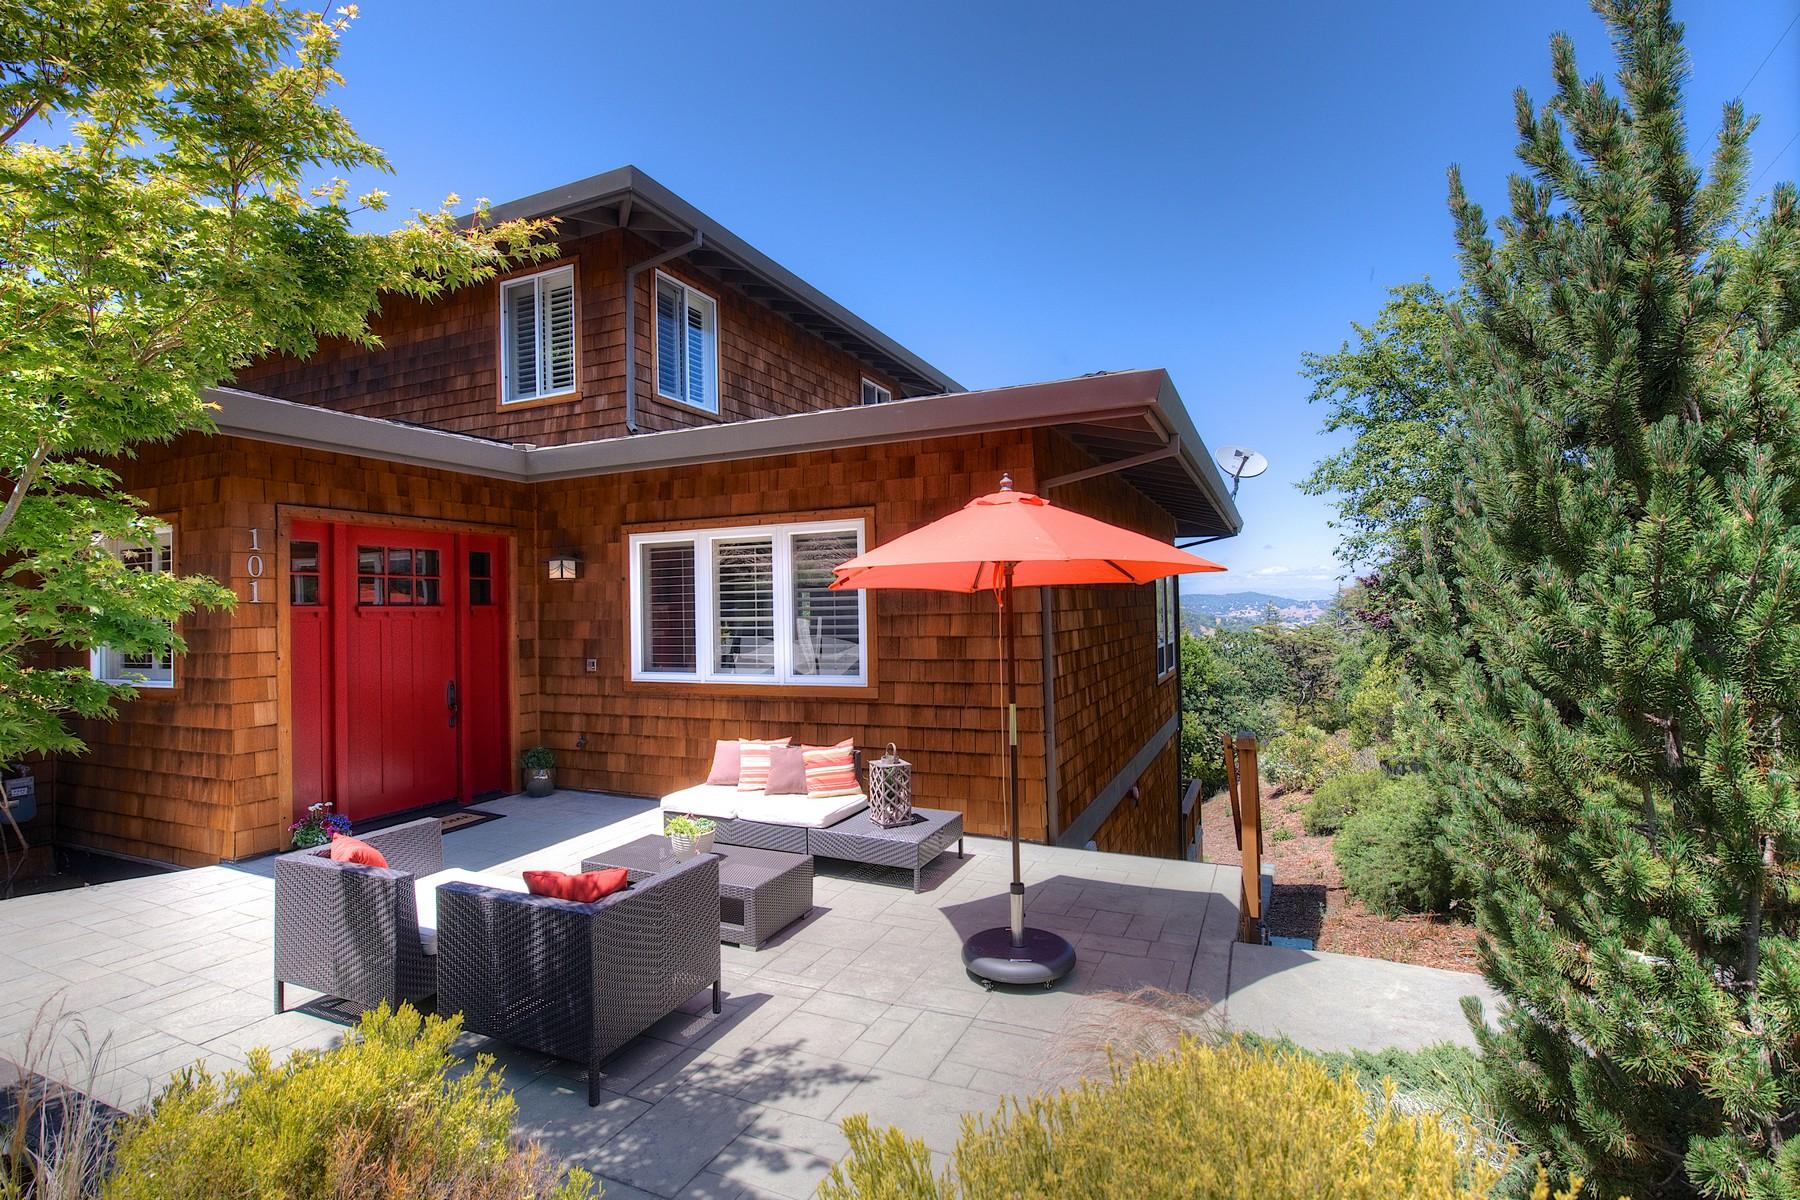 단독 가정 주택 용 매매 에 Striking Home with Exceptional Views 101 Chula Vista San Rafael, 캘리포니아 94901 미국